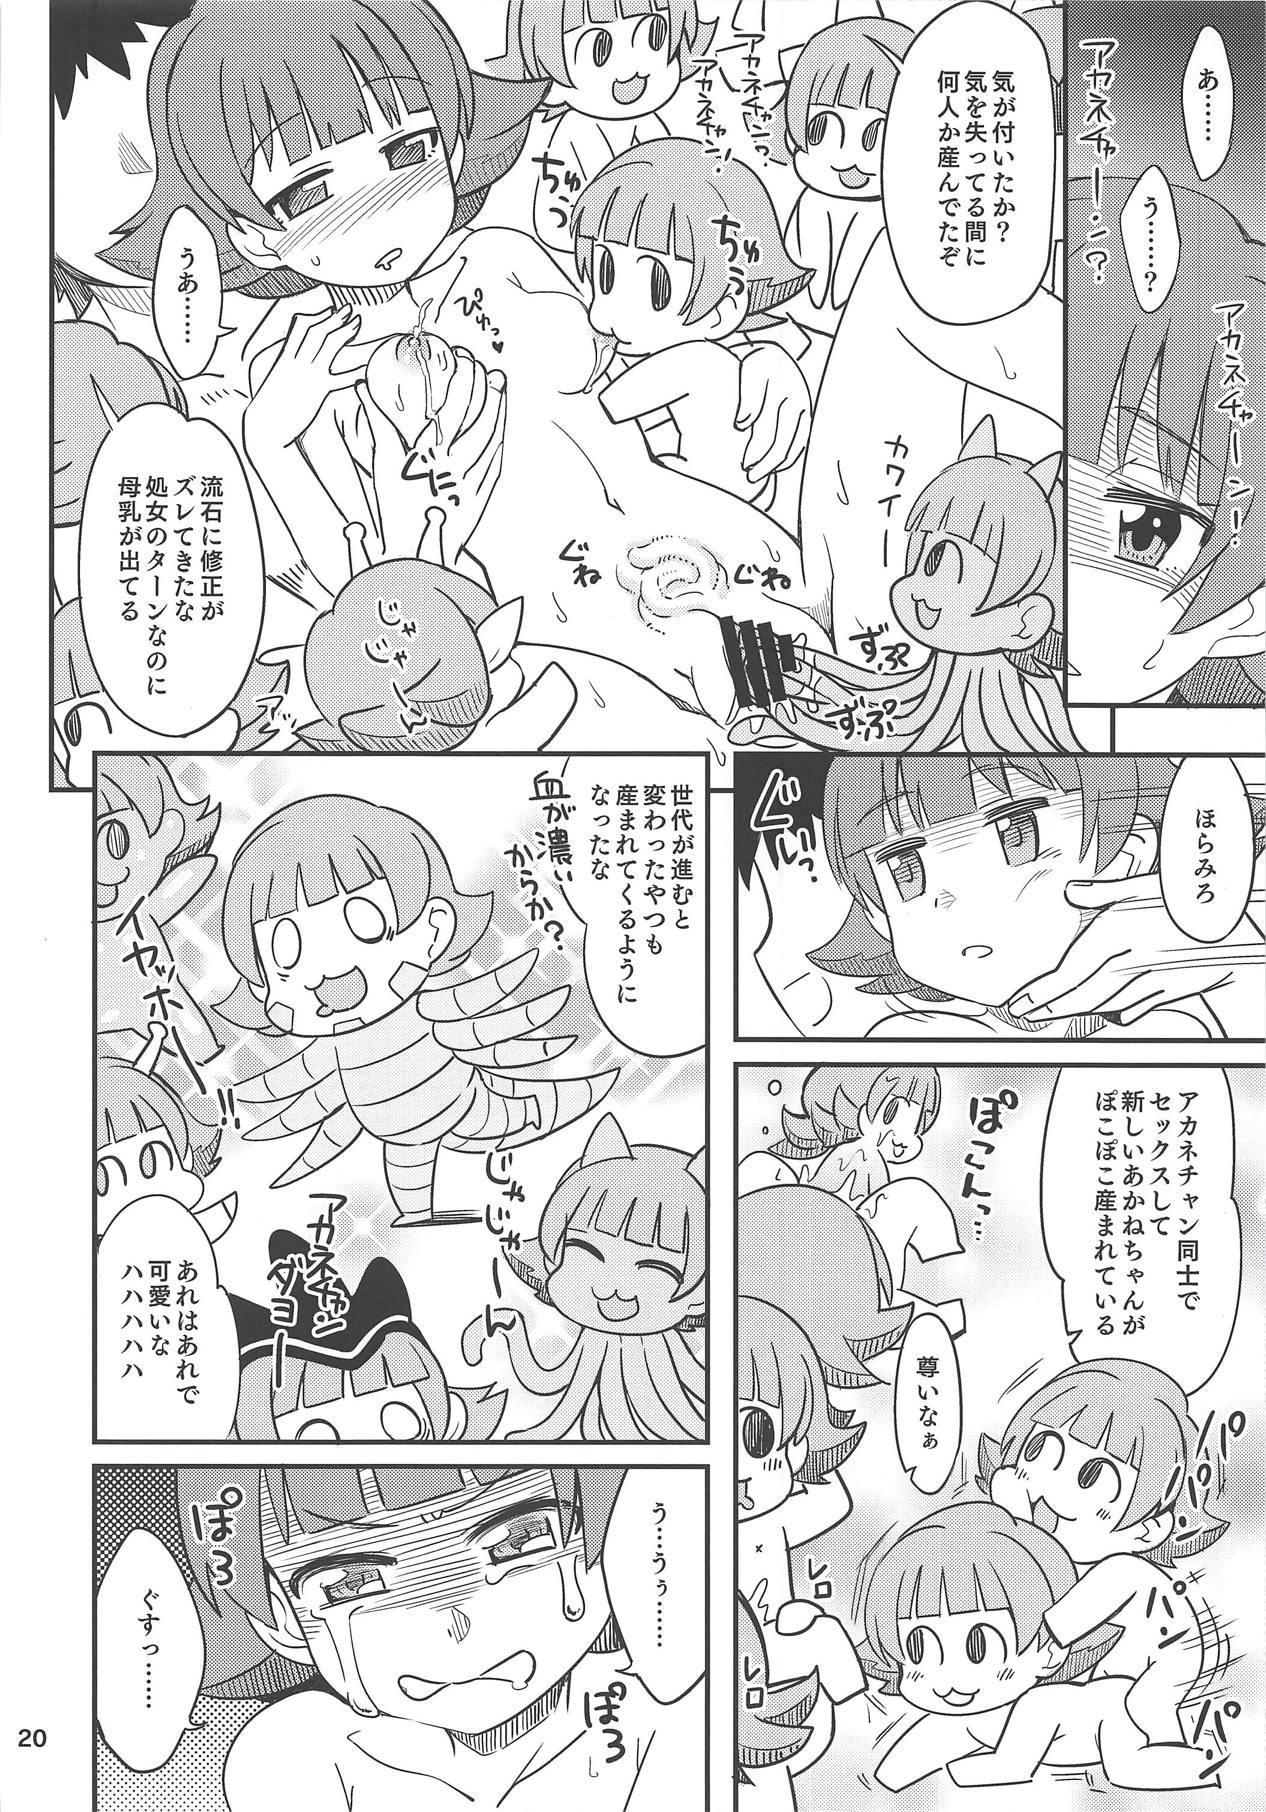 Fueru Akane-chan 18